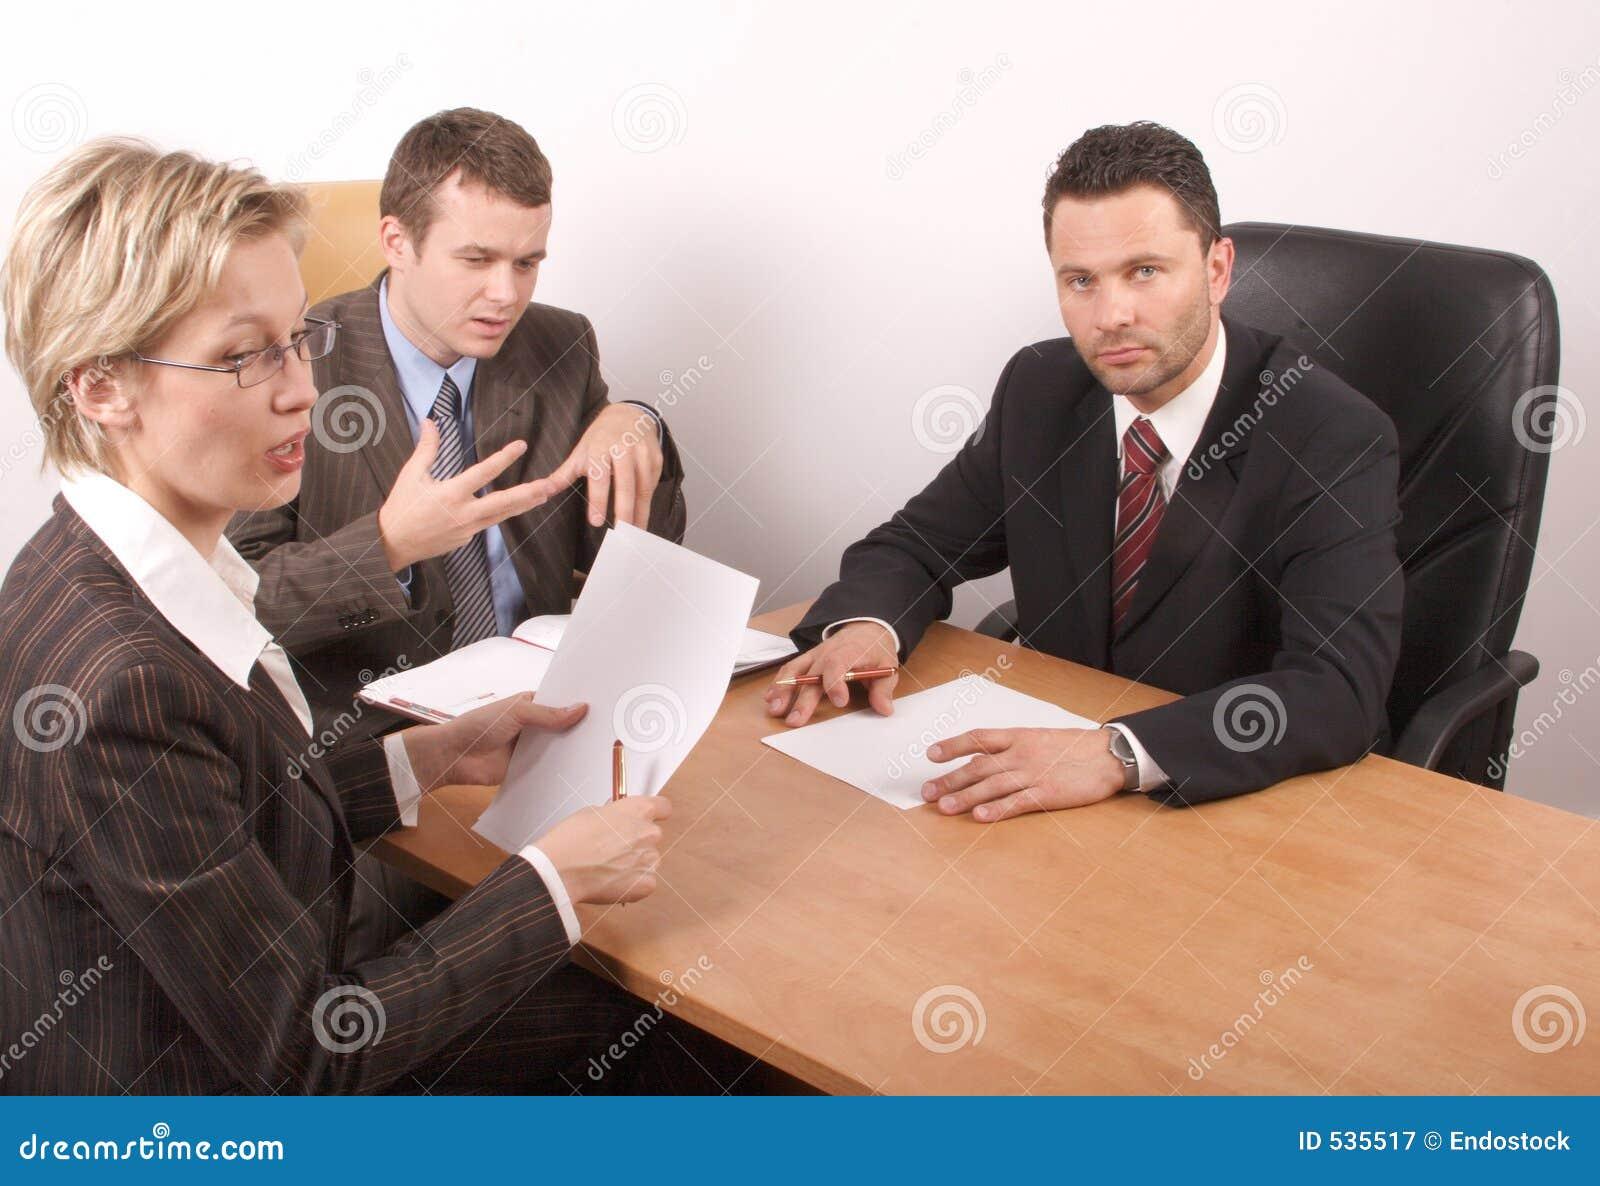 Download 3个业务会议人员 库存图片. 图片 包括有 讨论, 姿态, 总公司, 英俊, 成人, 任命的, 学院, 辩论 - 535517